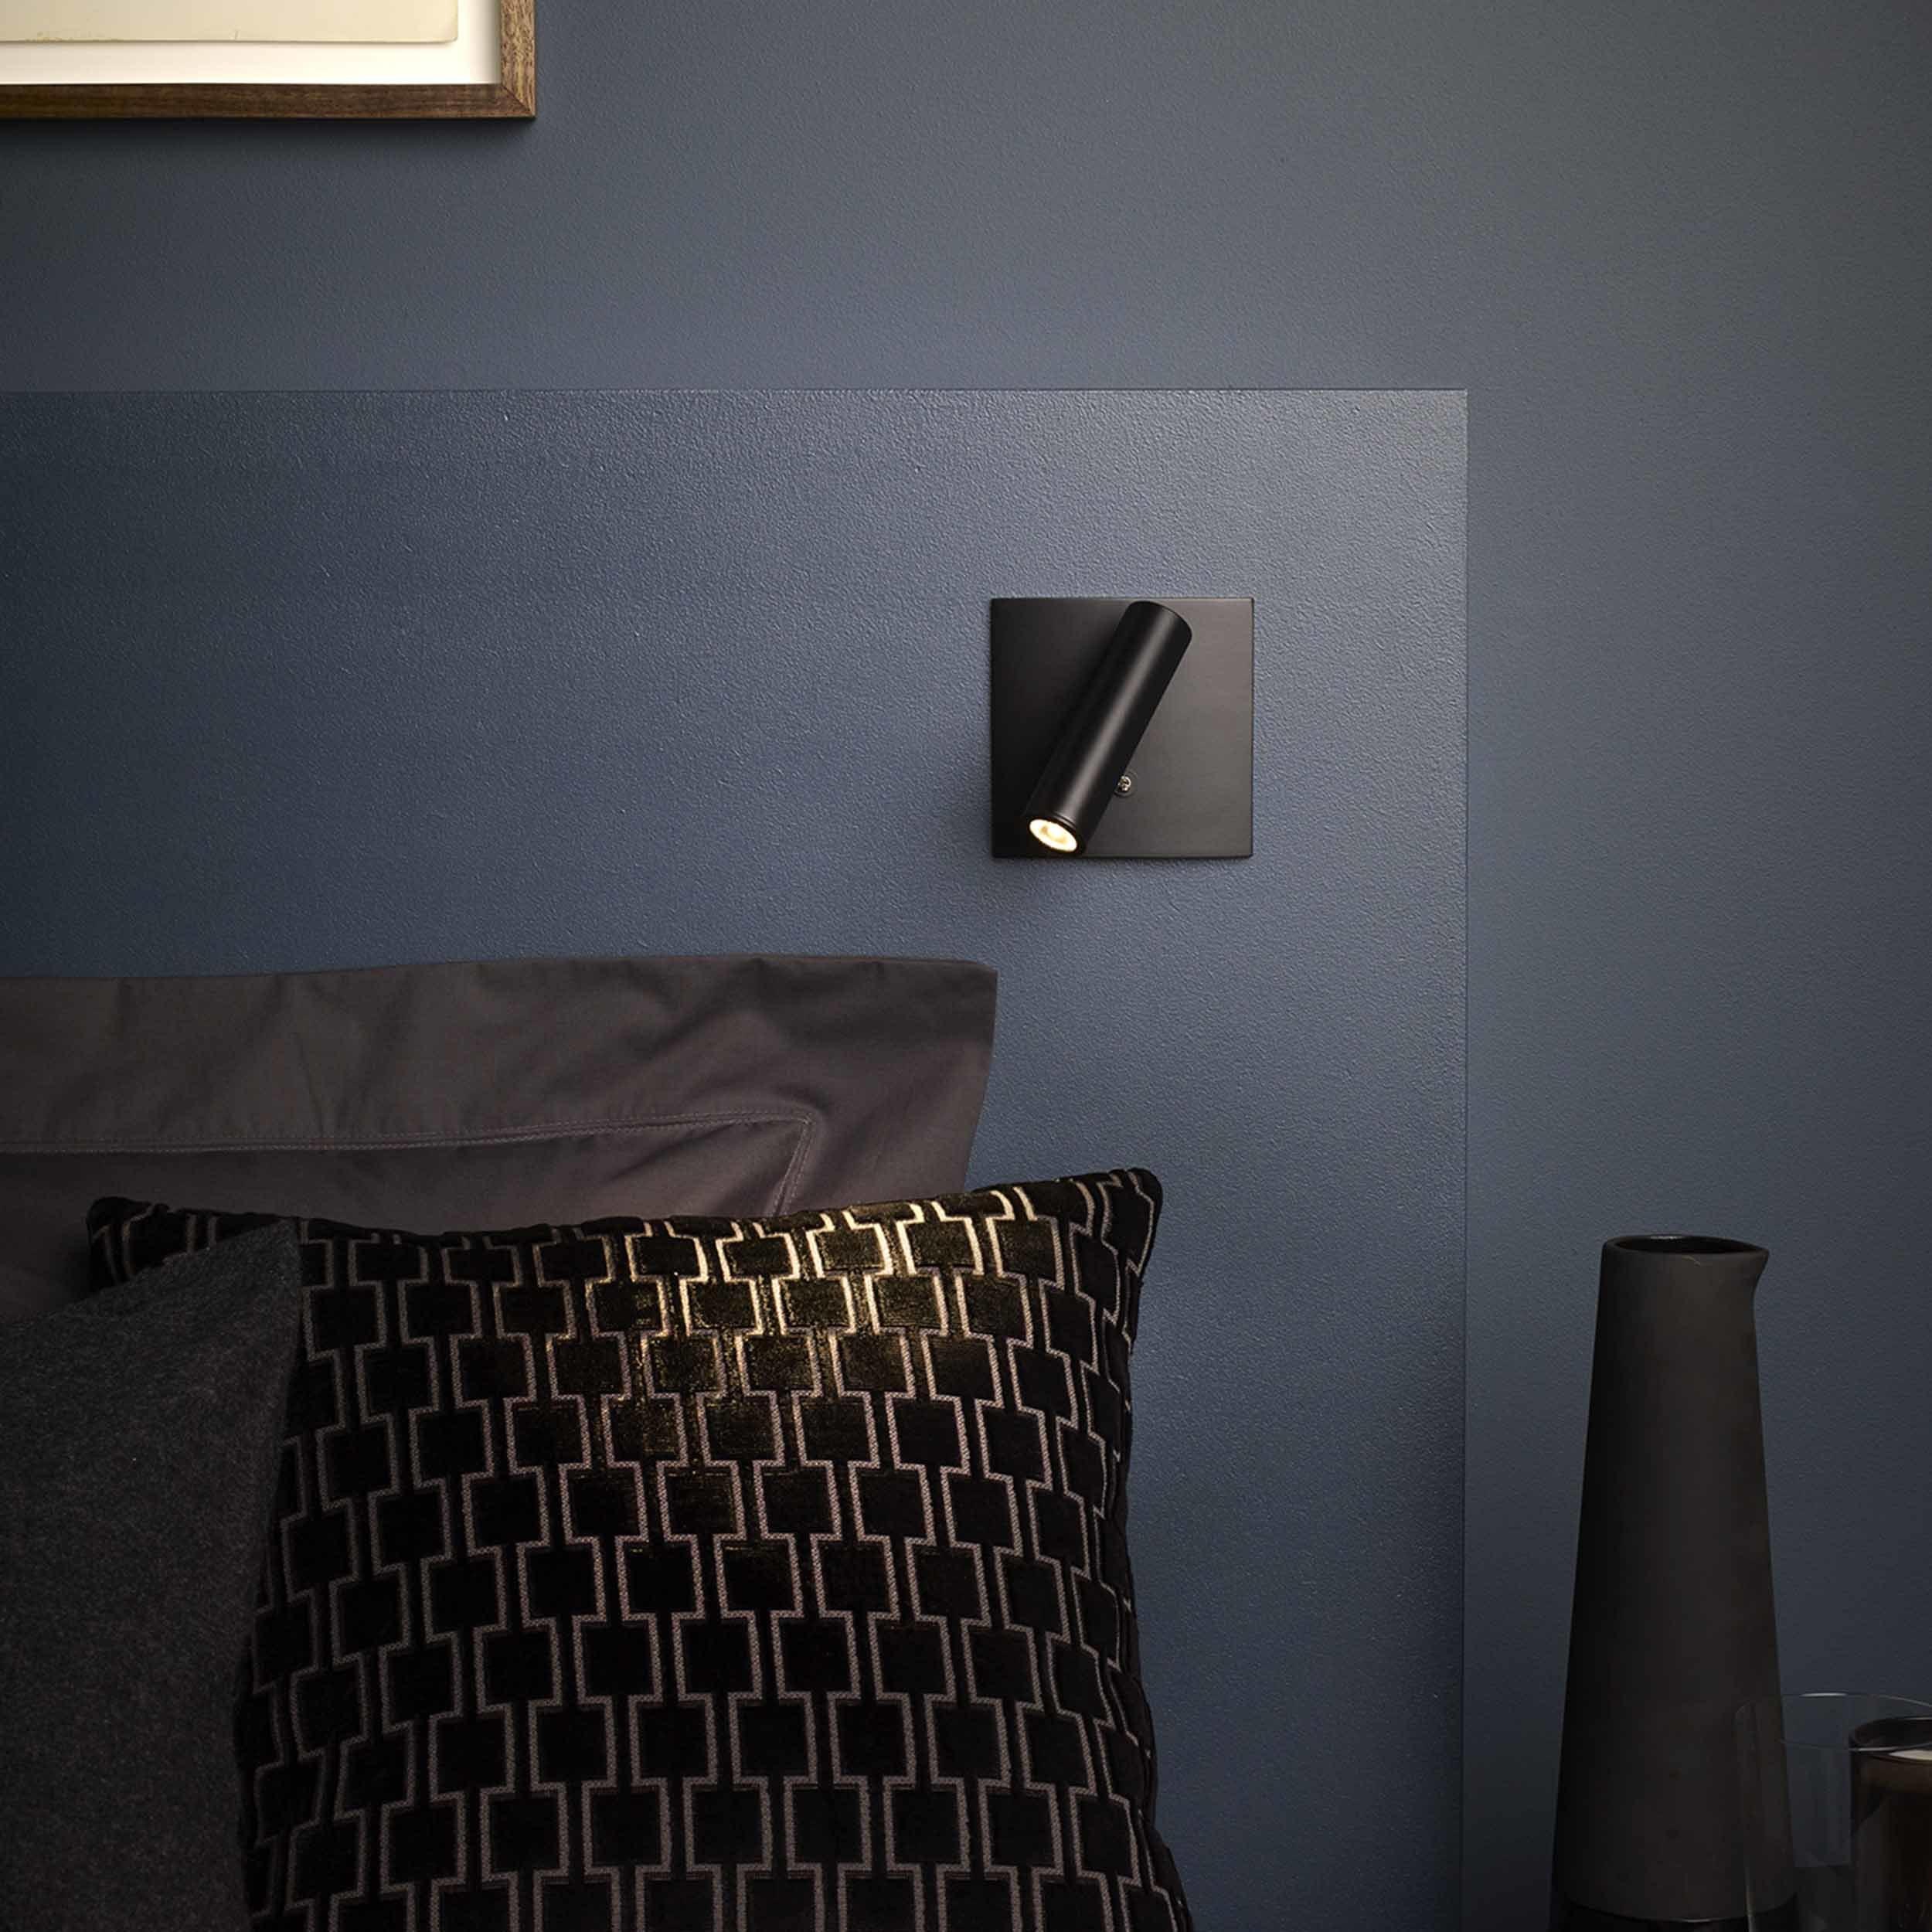 Встраиваемый настенный светодиодный светильник с регулировкой направления света Astro Enna 1058018 (7362), LED 4,47W 2700K 111.44lm CRI80, никель, металл - фото 3